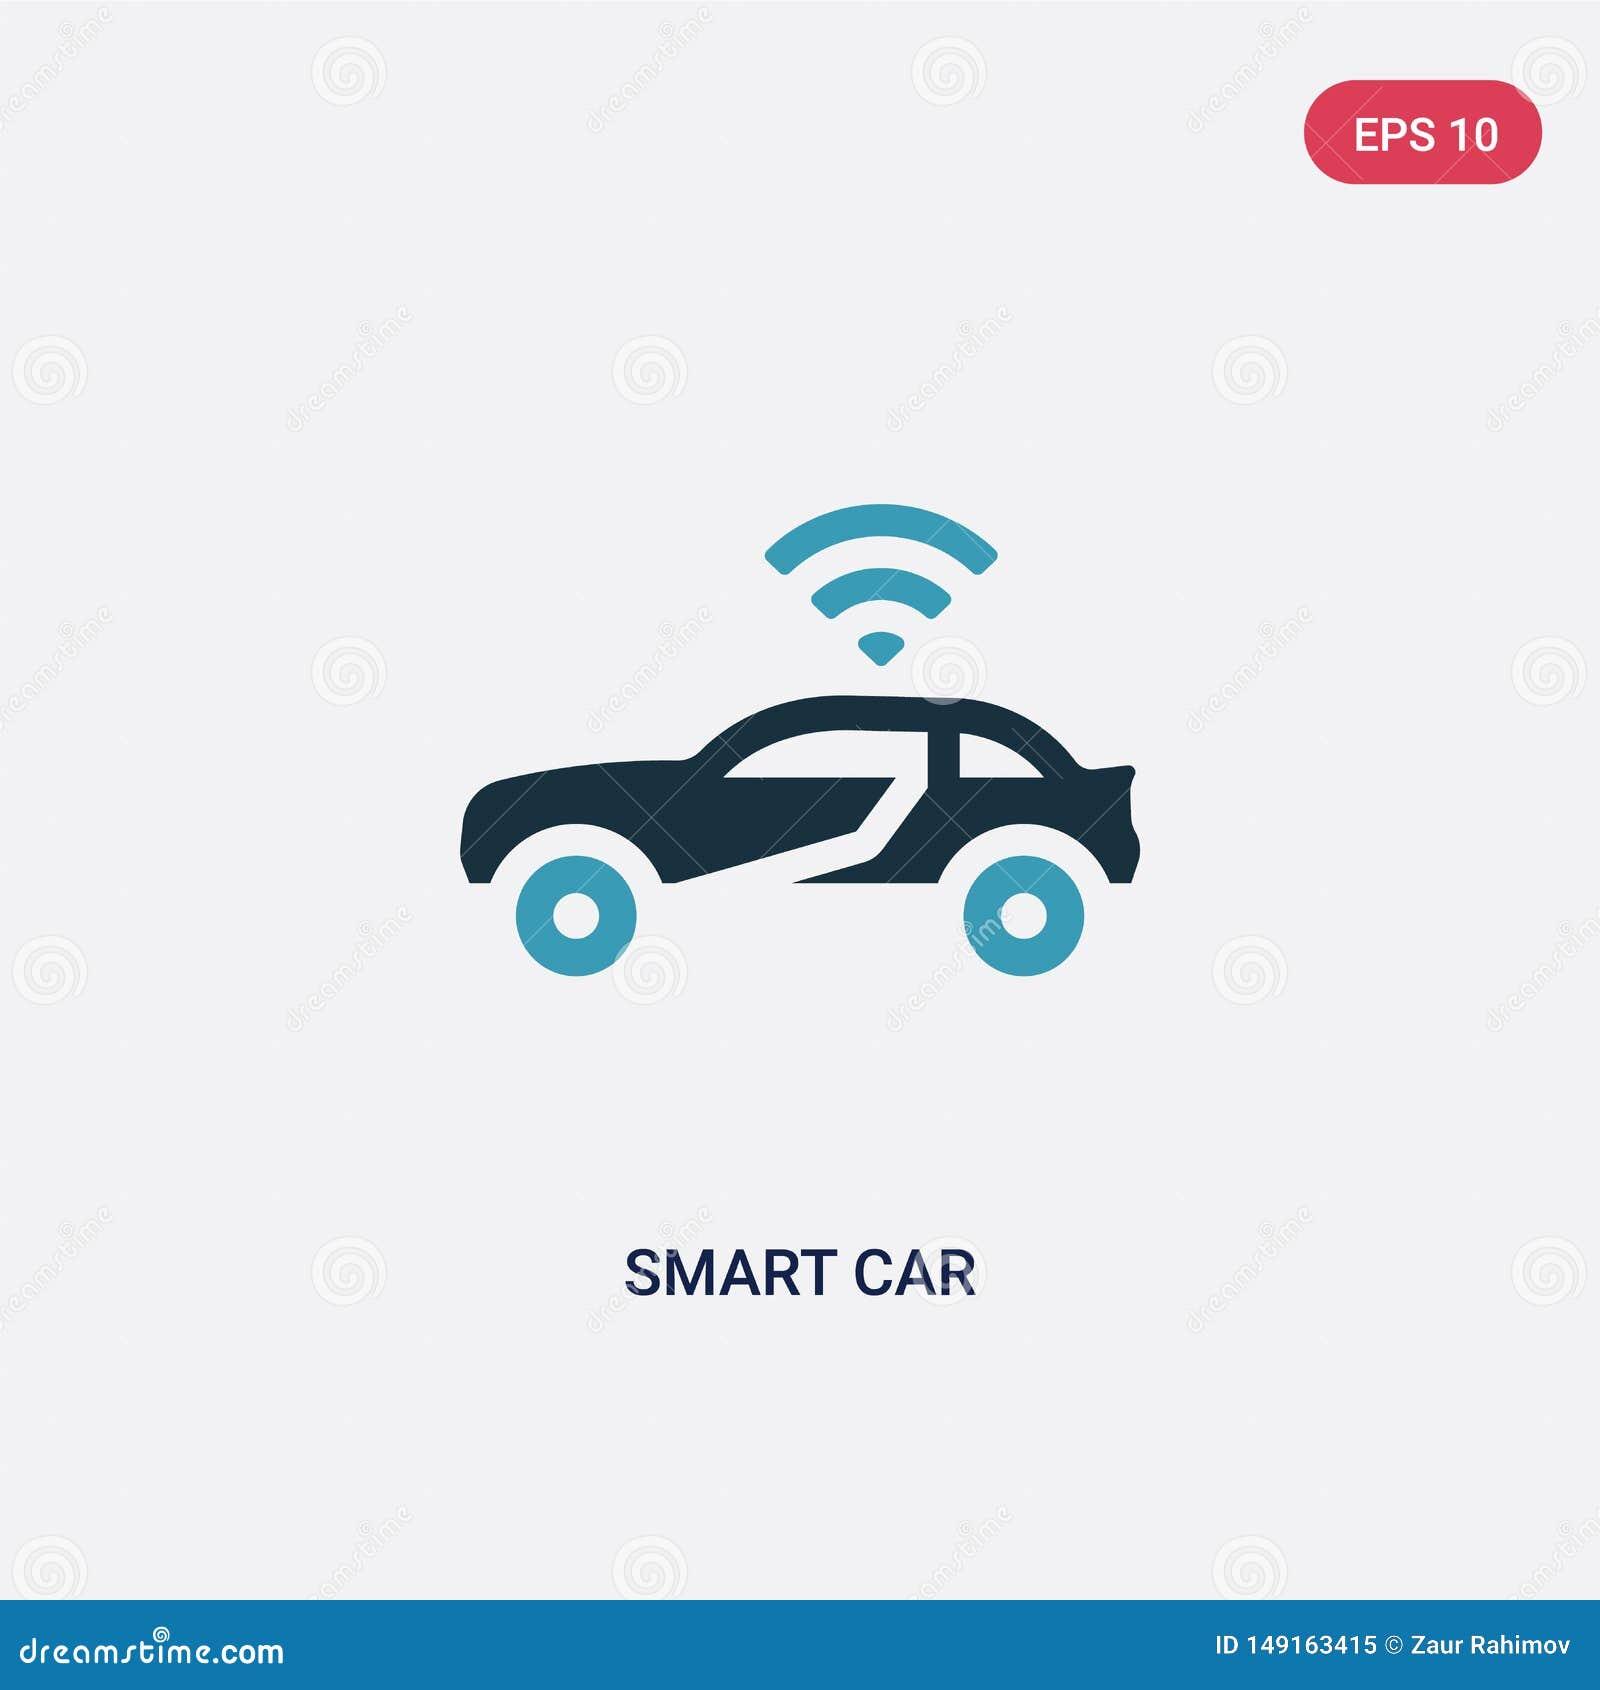 För bilvektor för två färg smart symbol från att programmera begrepp det isolerade blåa smarta symbolet för bilvektortecknet kan